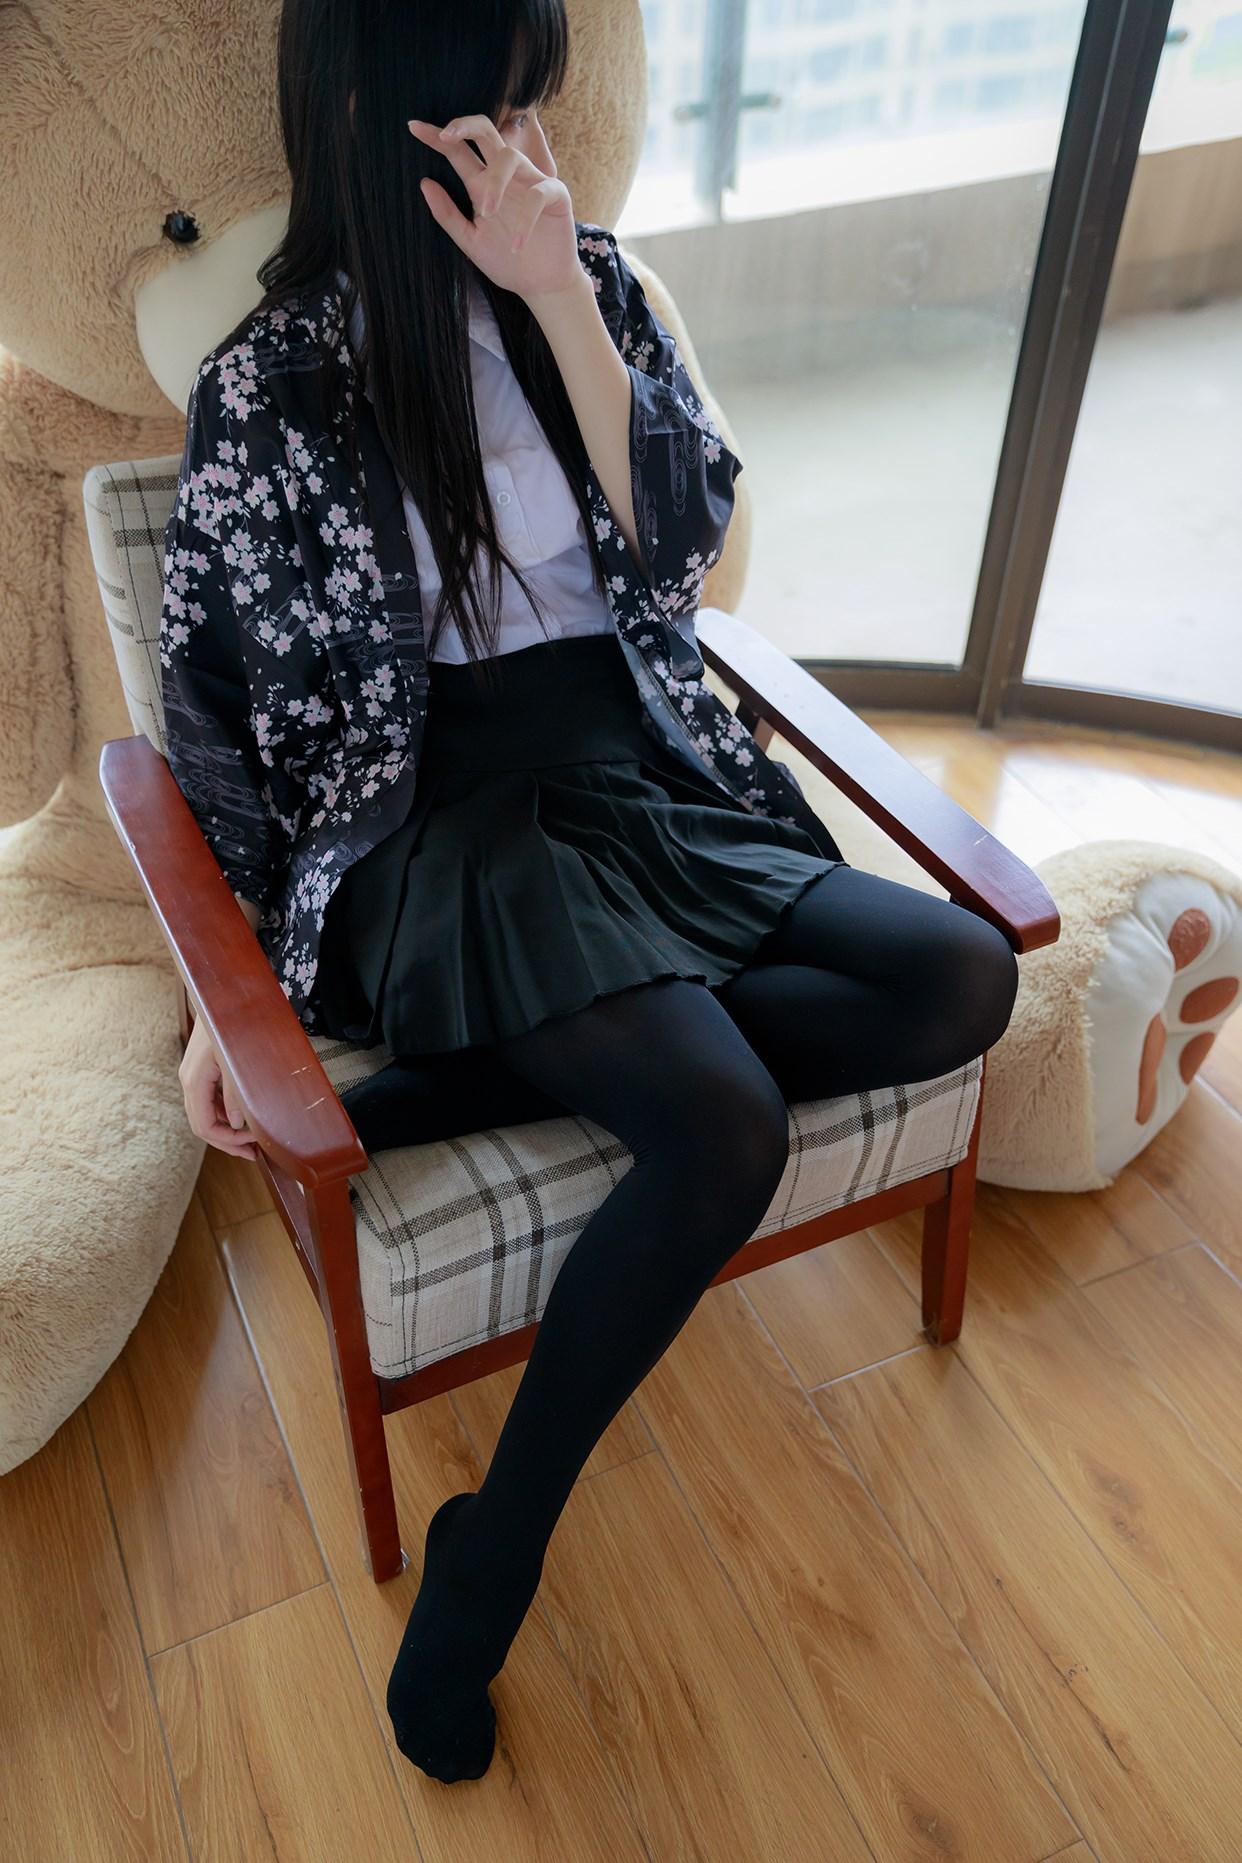 【兔玩映画】椅上的黑丝少女 兔玩映画 第21张